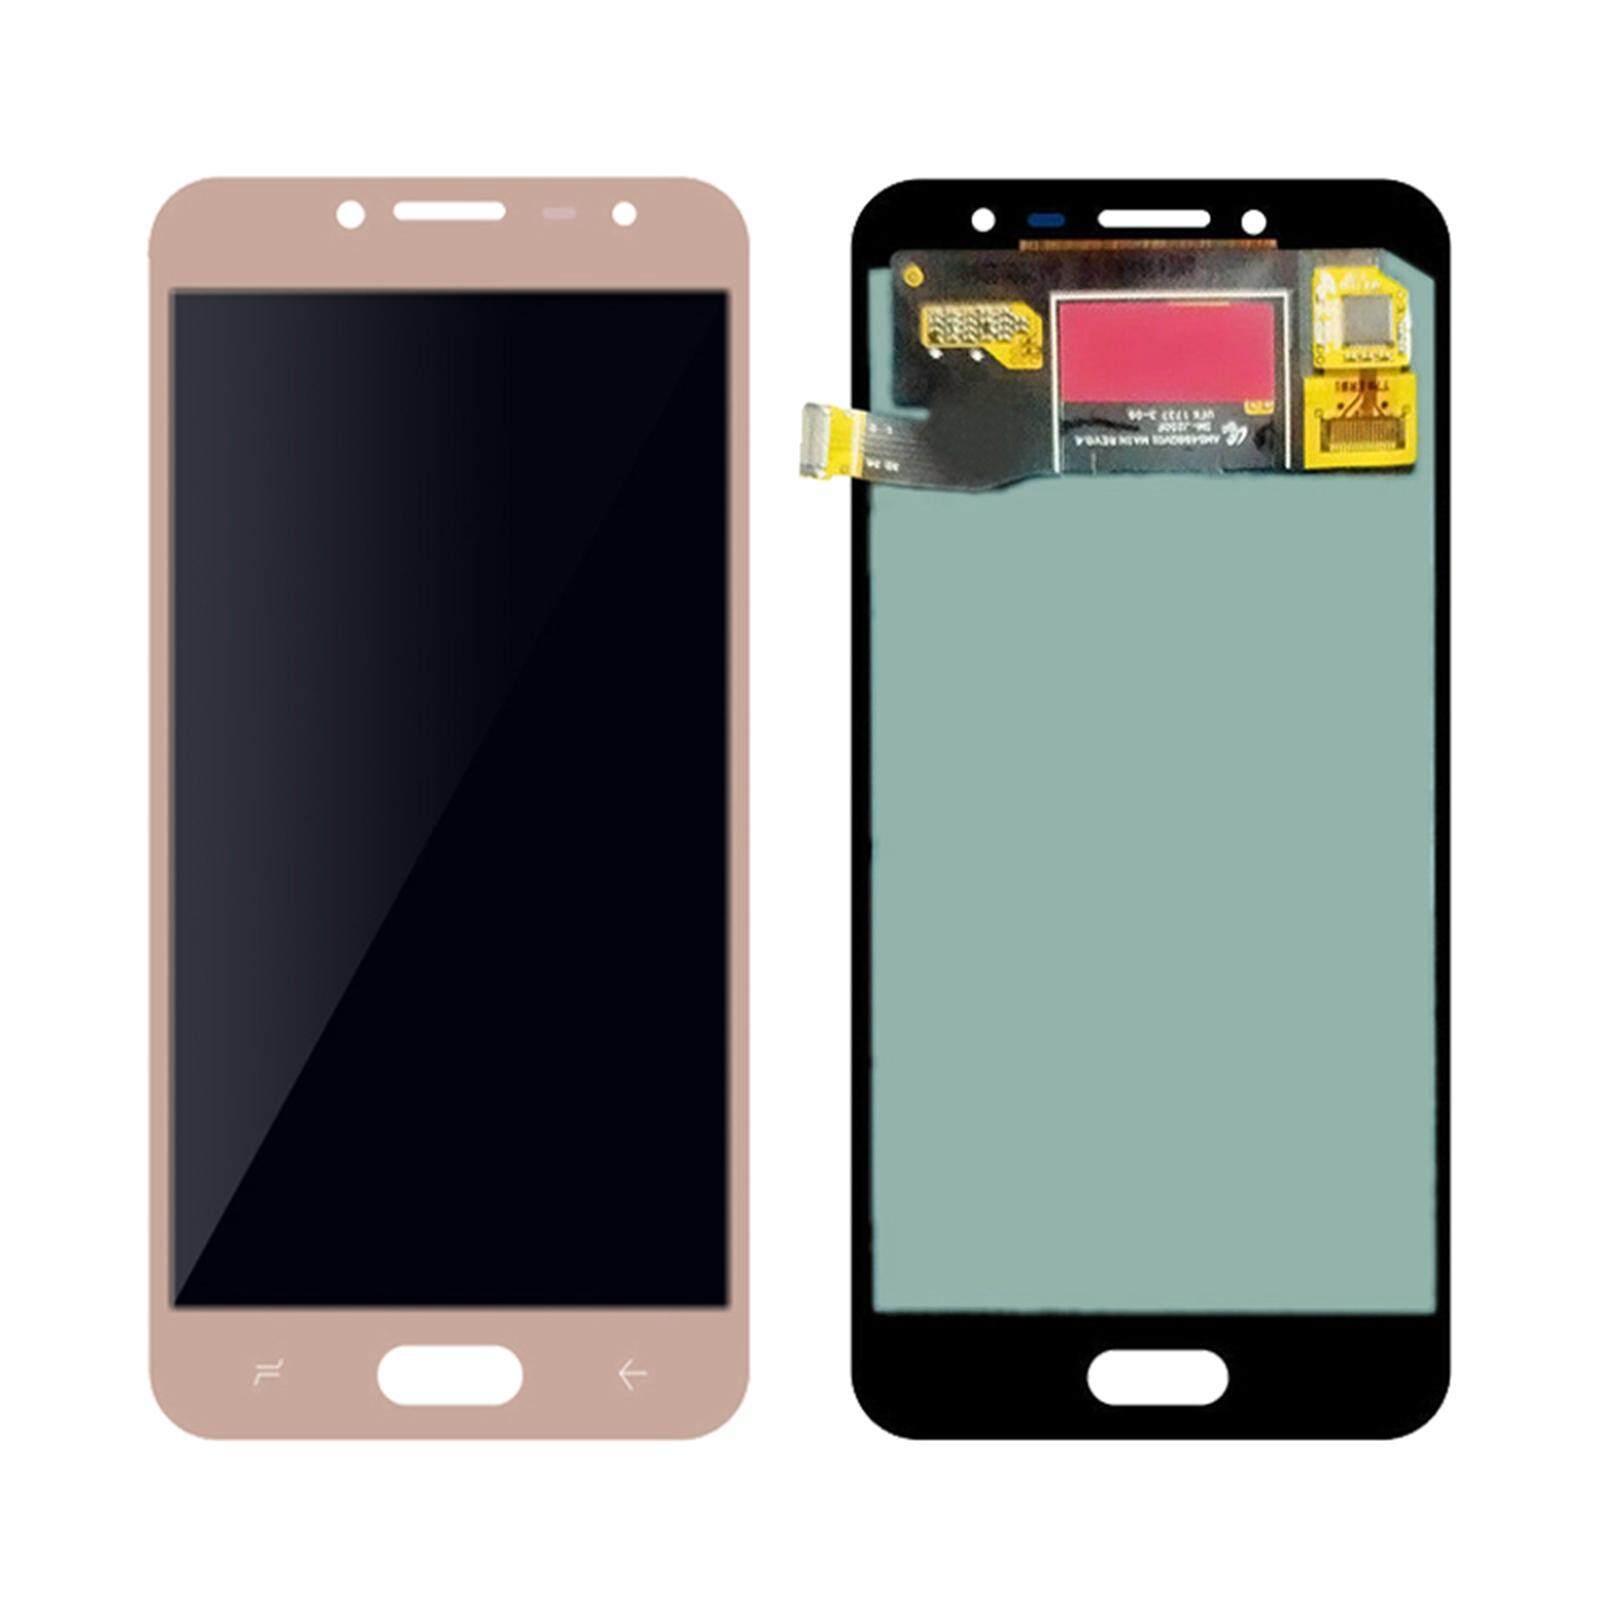 Features Samsung Galaxy J2 Pro J250 16gb Black Blue Gold Pink Dan